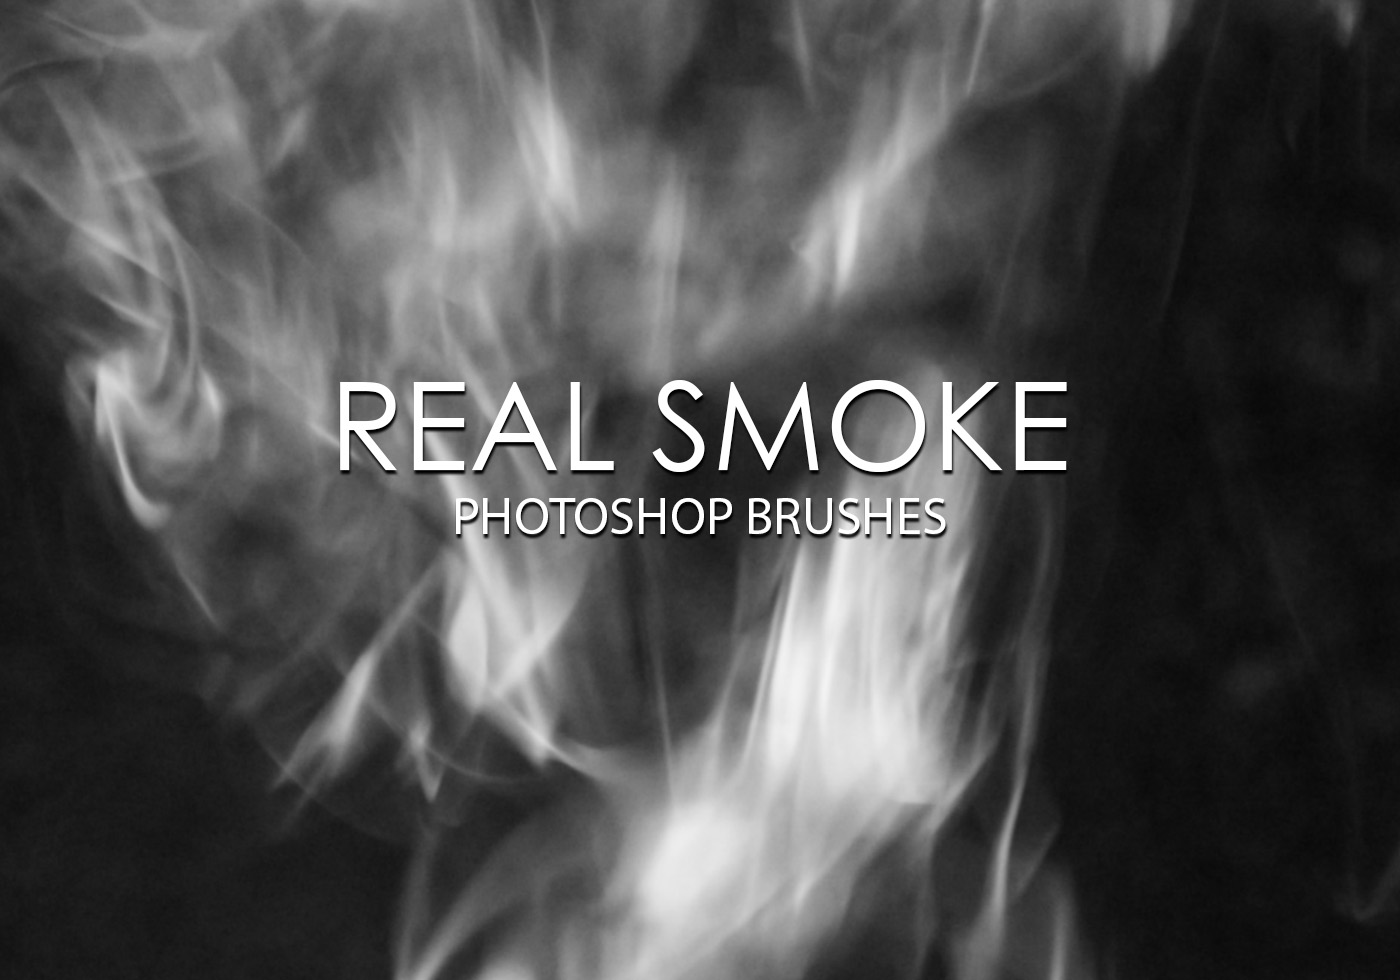 Real Smoke - Photoshop brushes